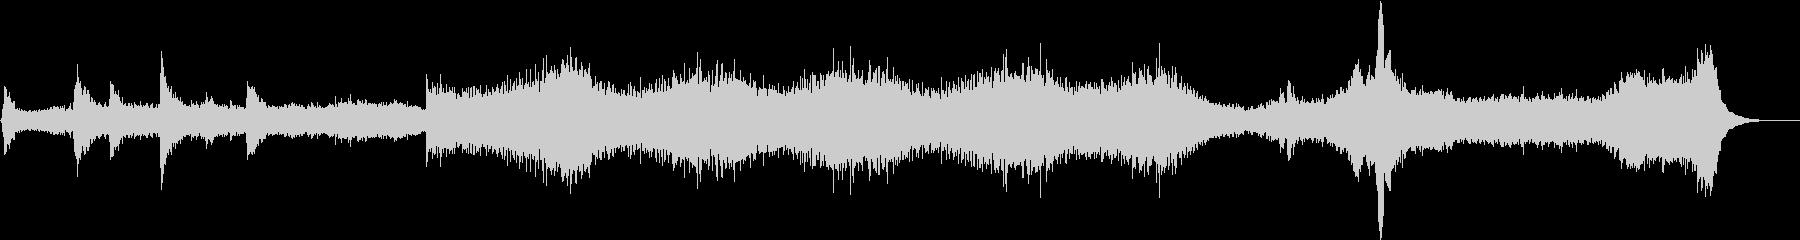 ホラーシーンにぴったりな雰囲気のBGMの未再生の波形